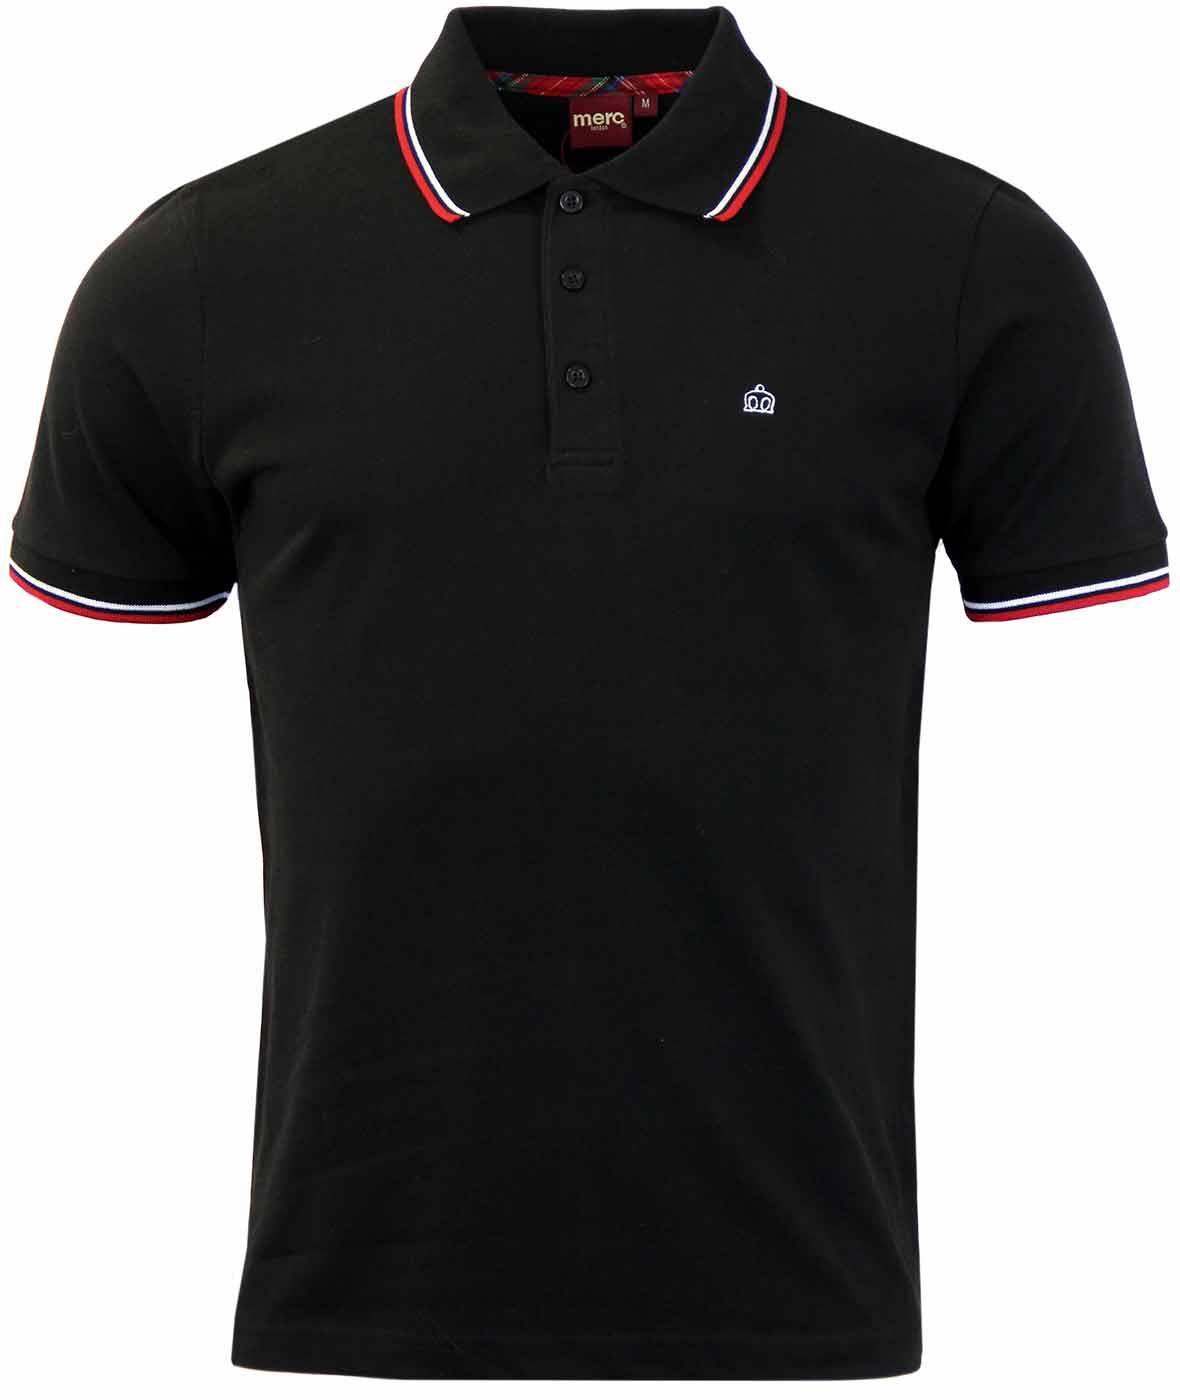 Card MERC Mod Retro Mens Tipped Pique Polo Shirt